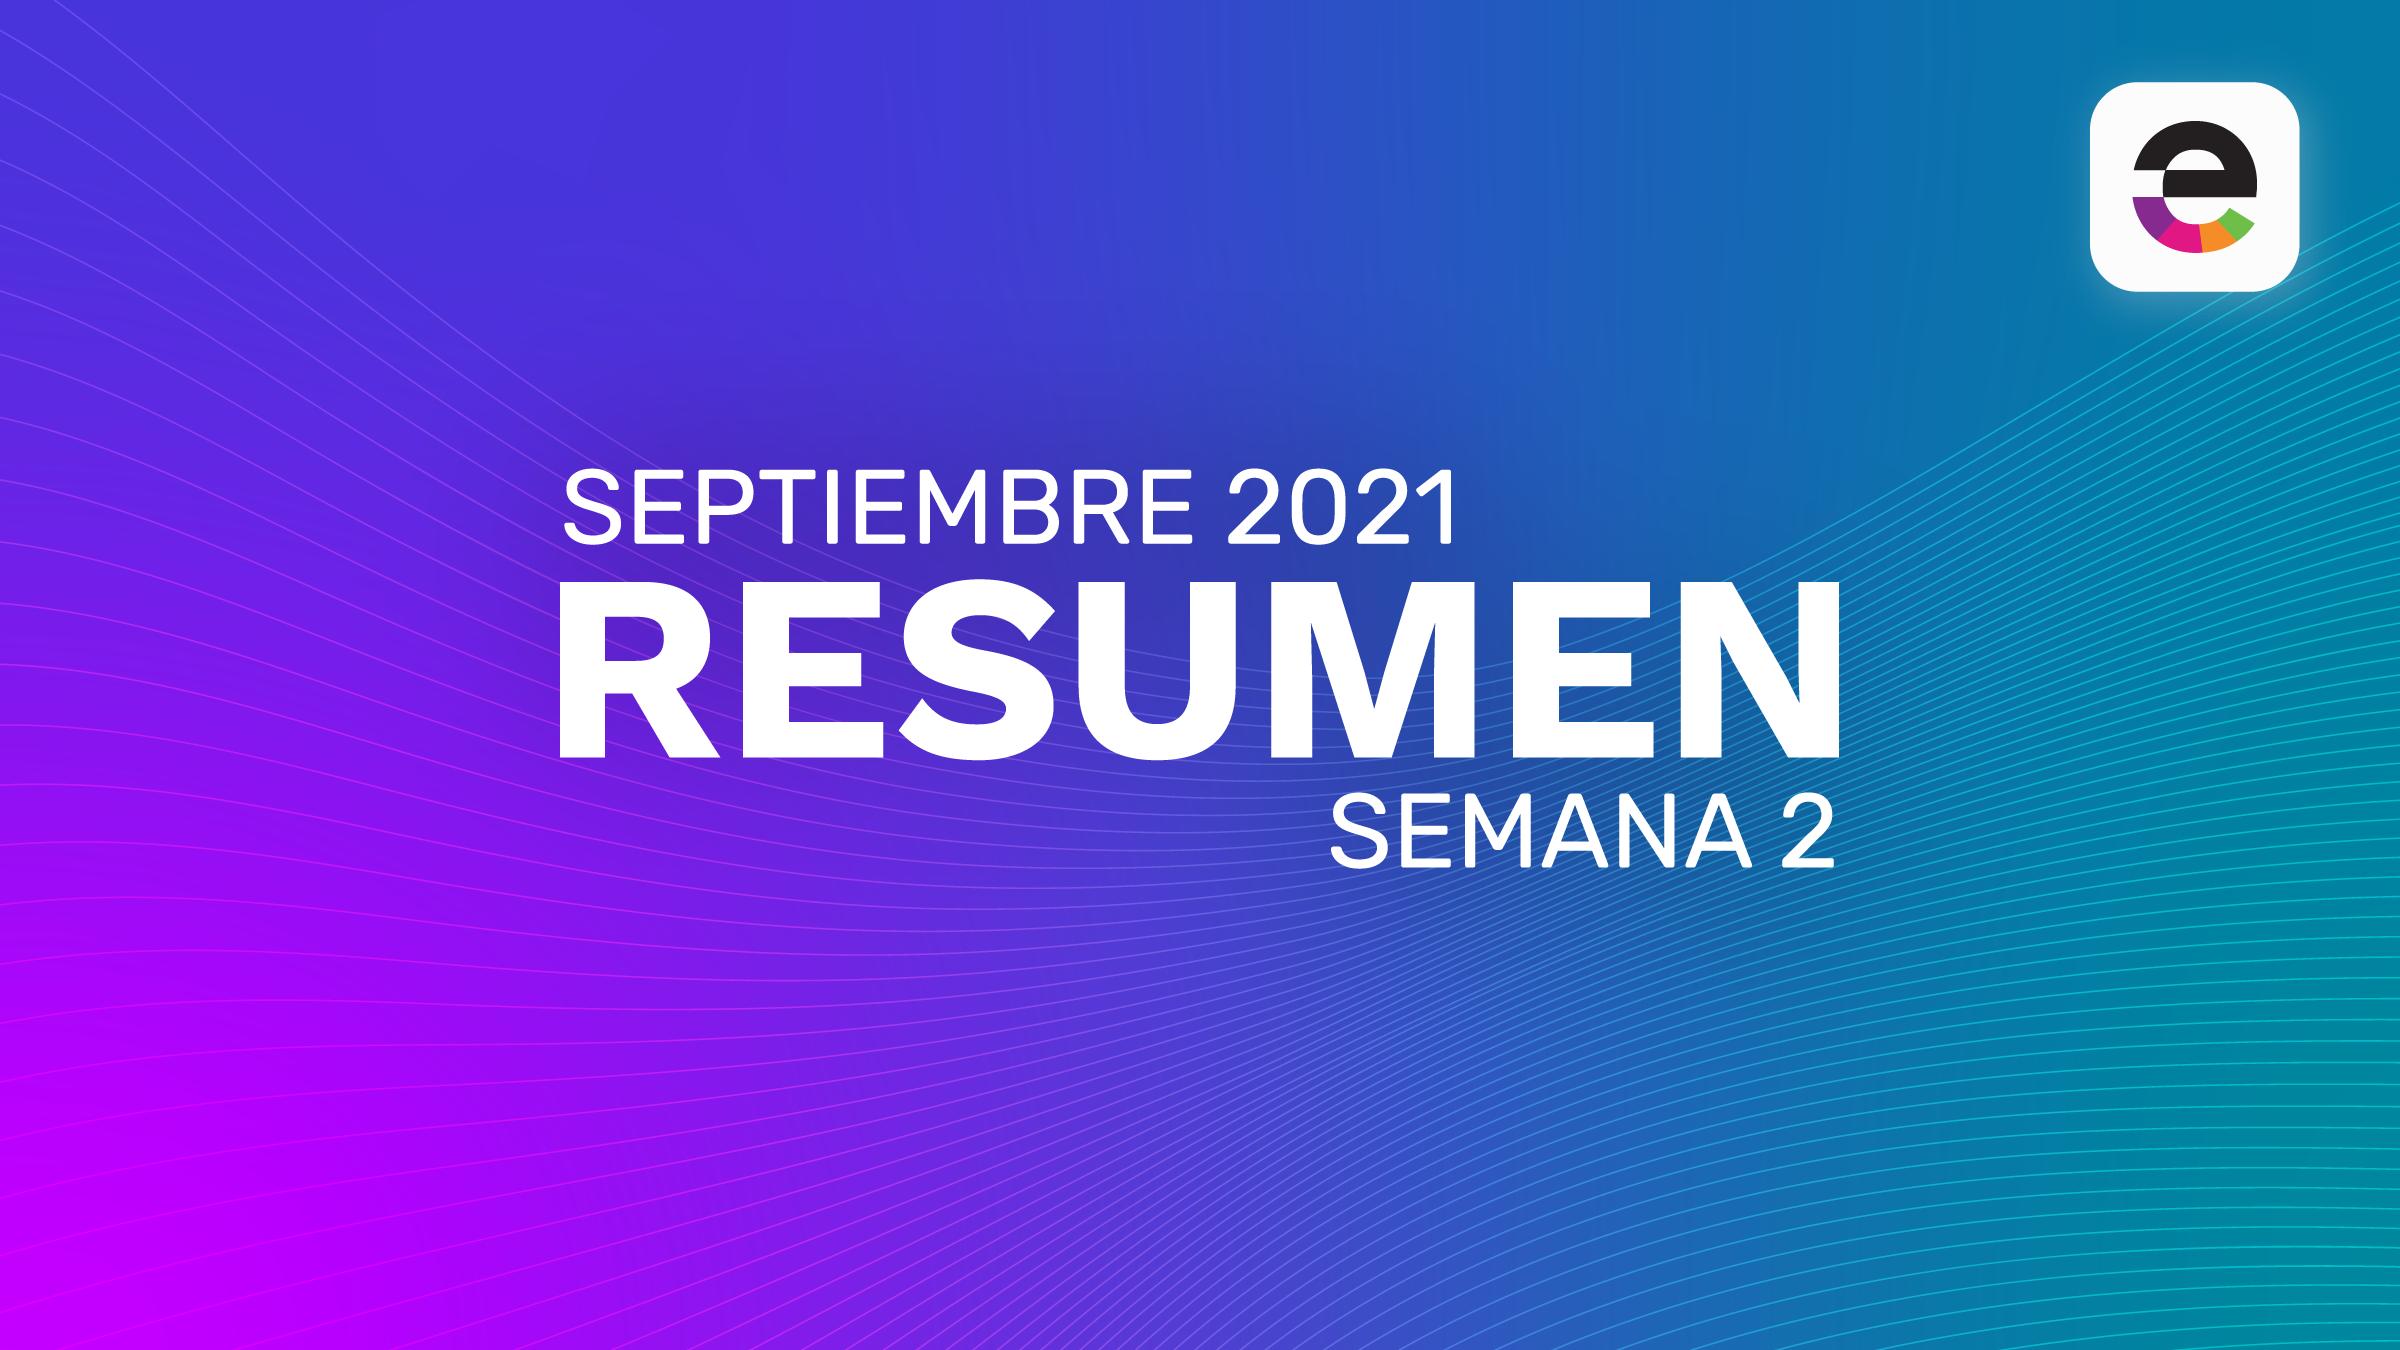 Resumen Septiembre 2021: Semana 2